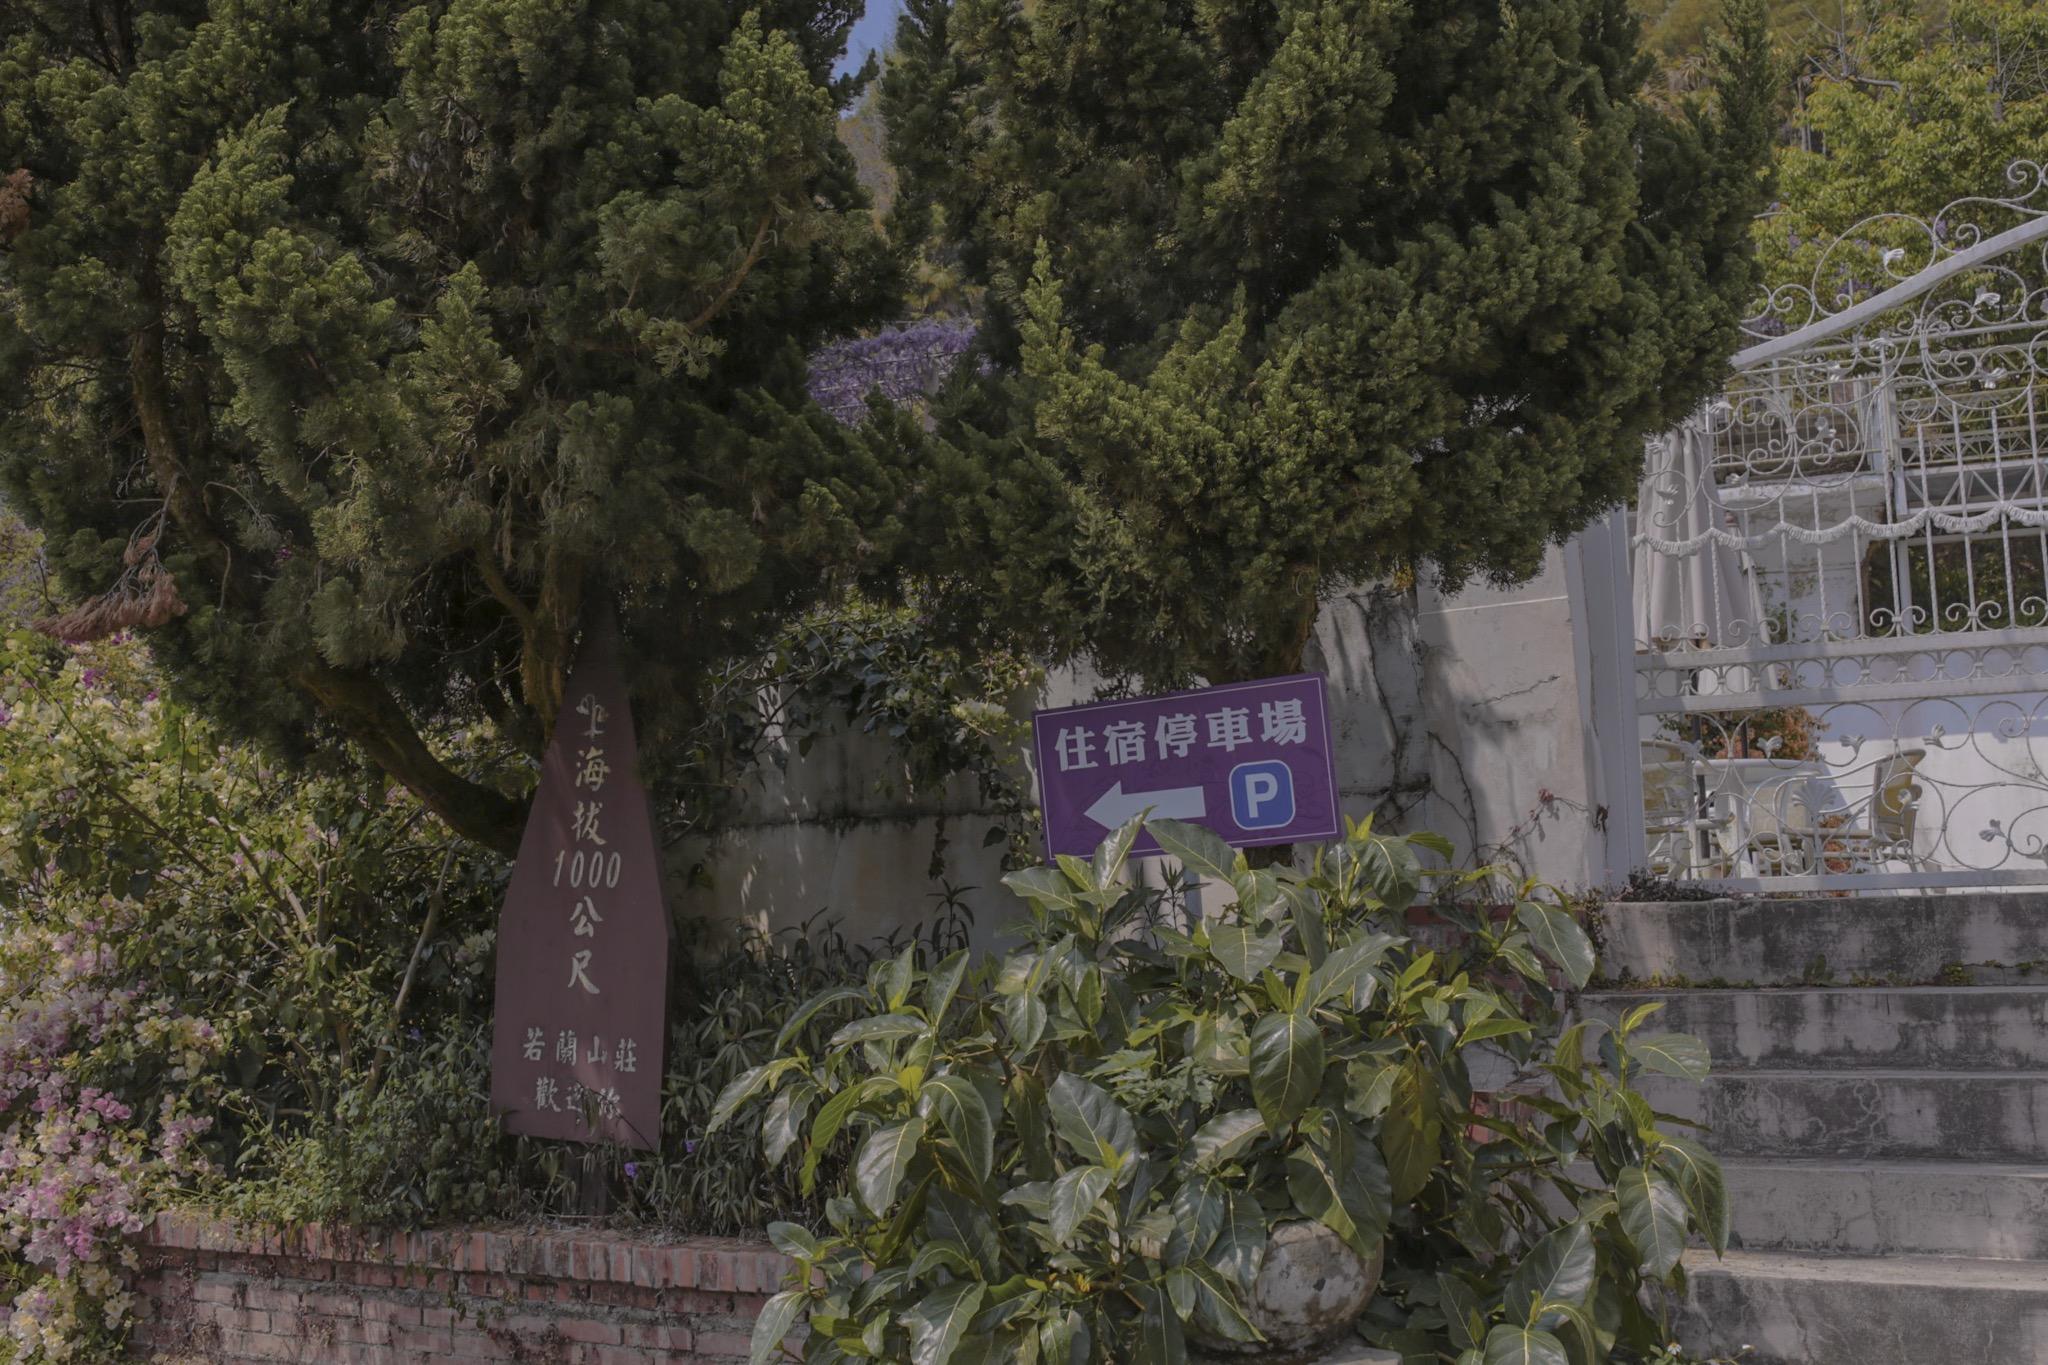 阿喜紫藤-嘉義瑞里景點-2021紫藤花季-嘉義景點-阿喜紫藤下午茶-阿喜紫藤交通